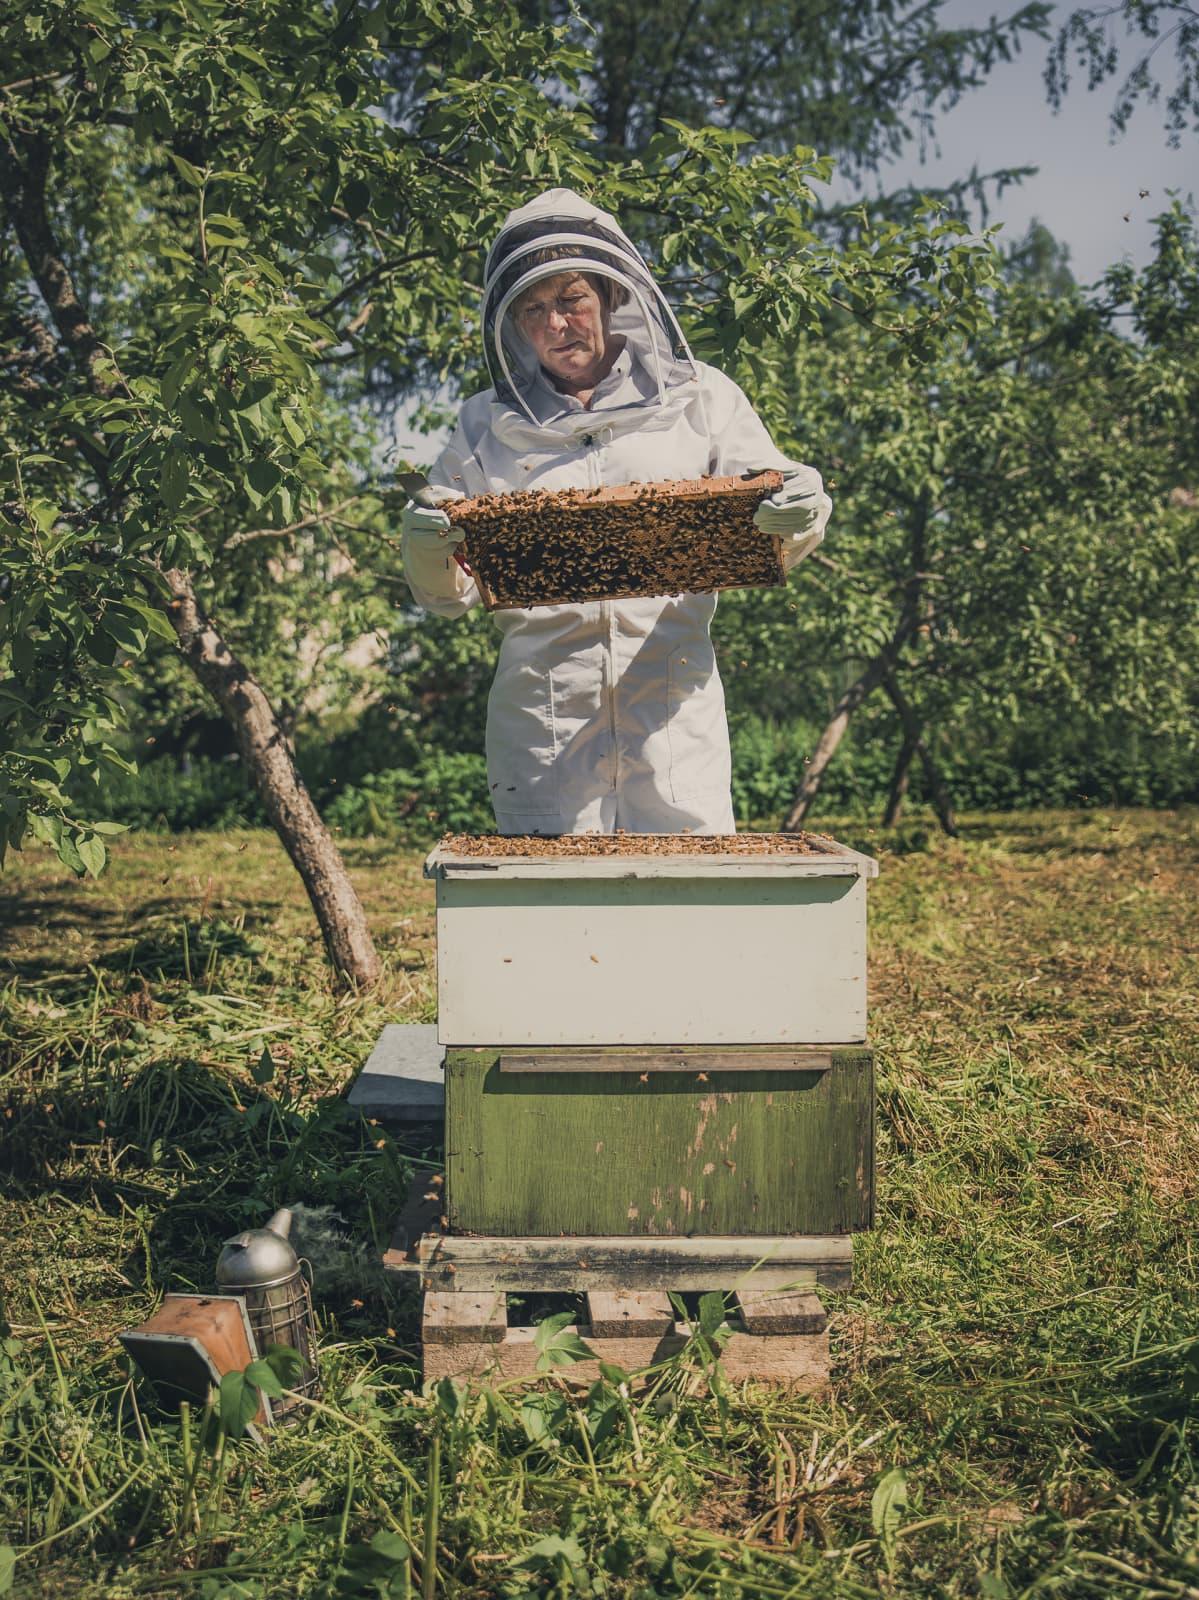 Mehiläistarhaaja töissä